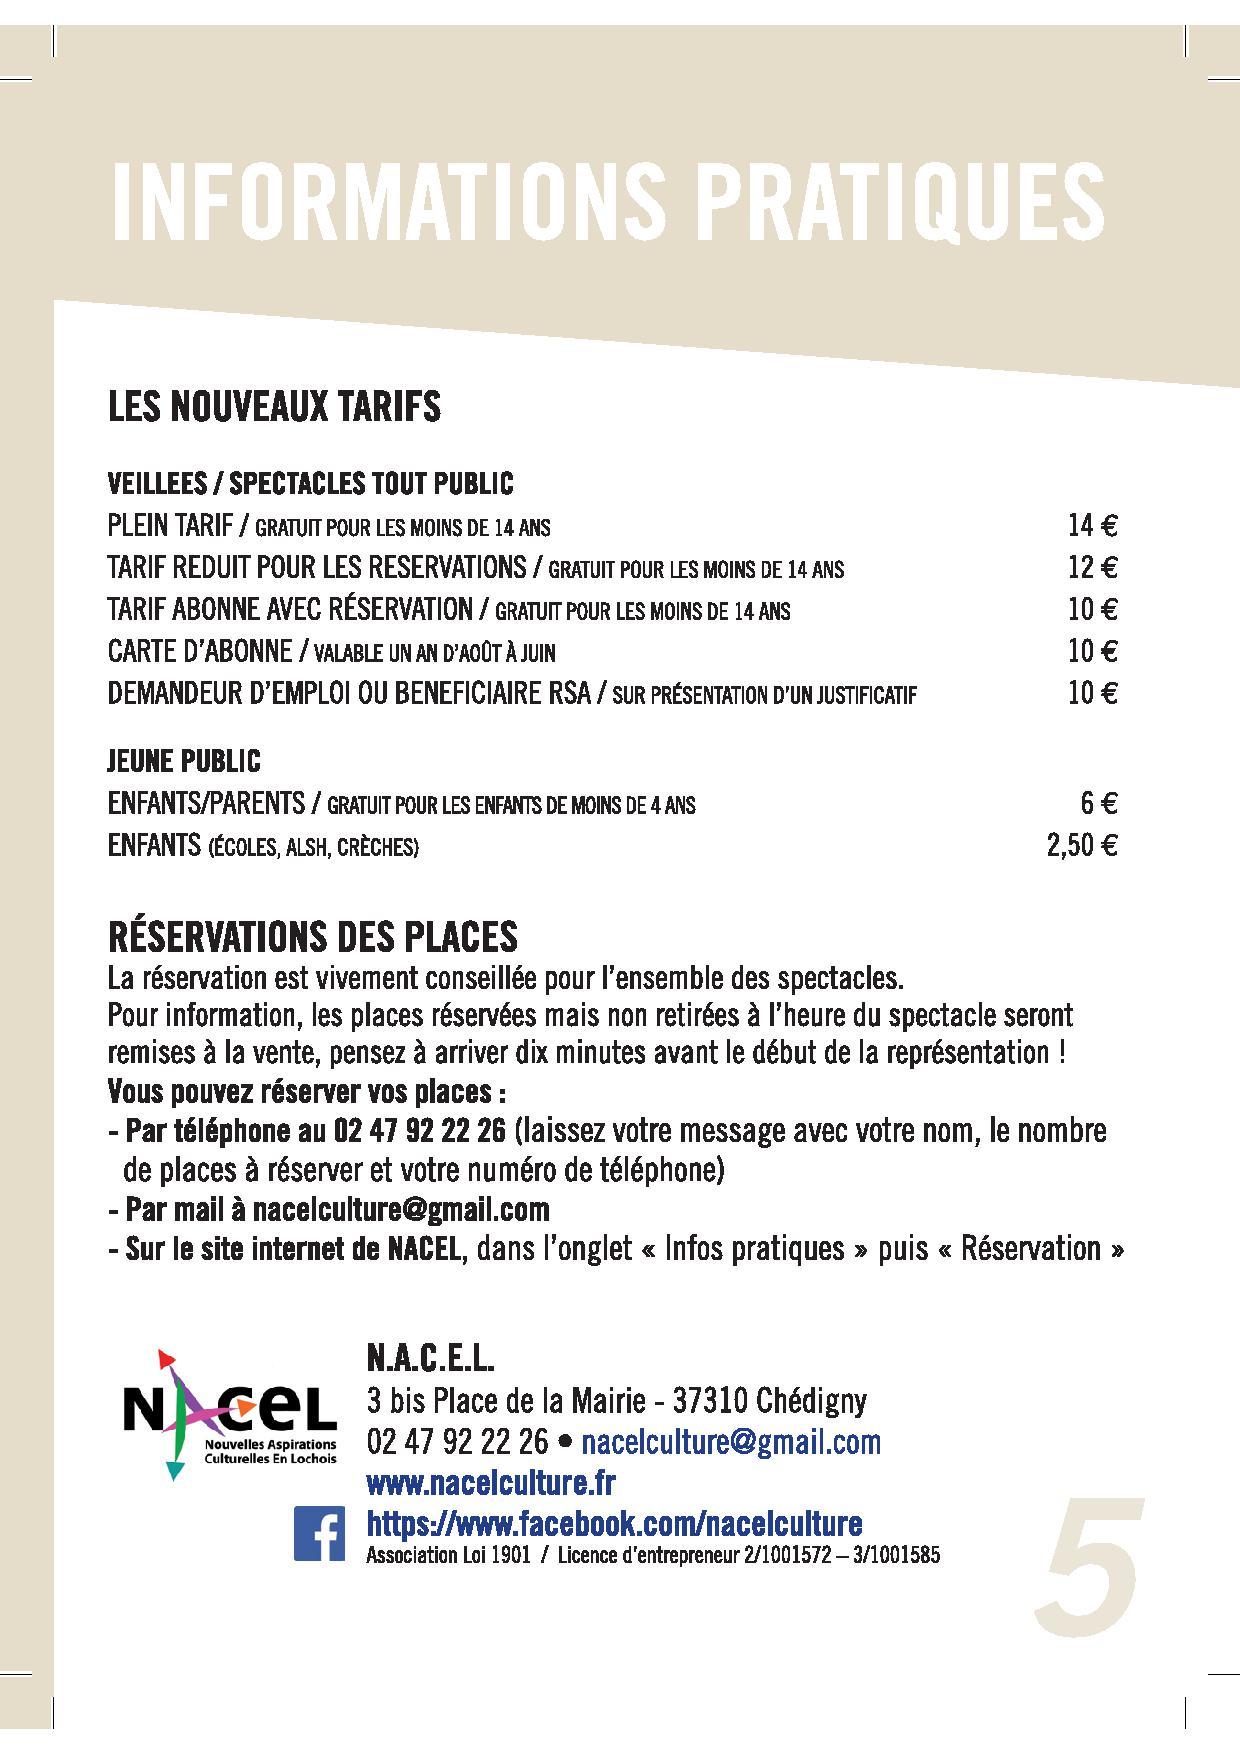 Nouveaux tarifs NACEL 2016